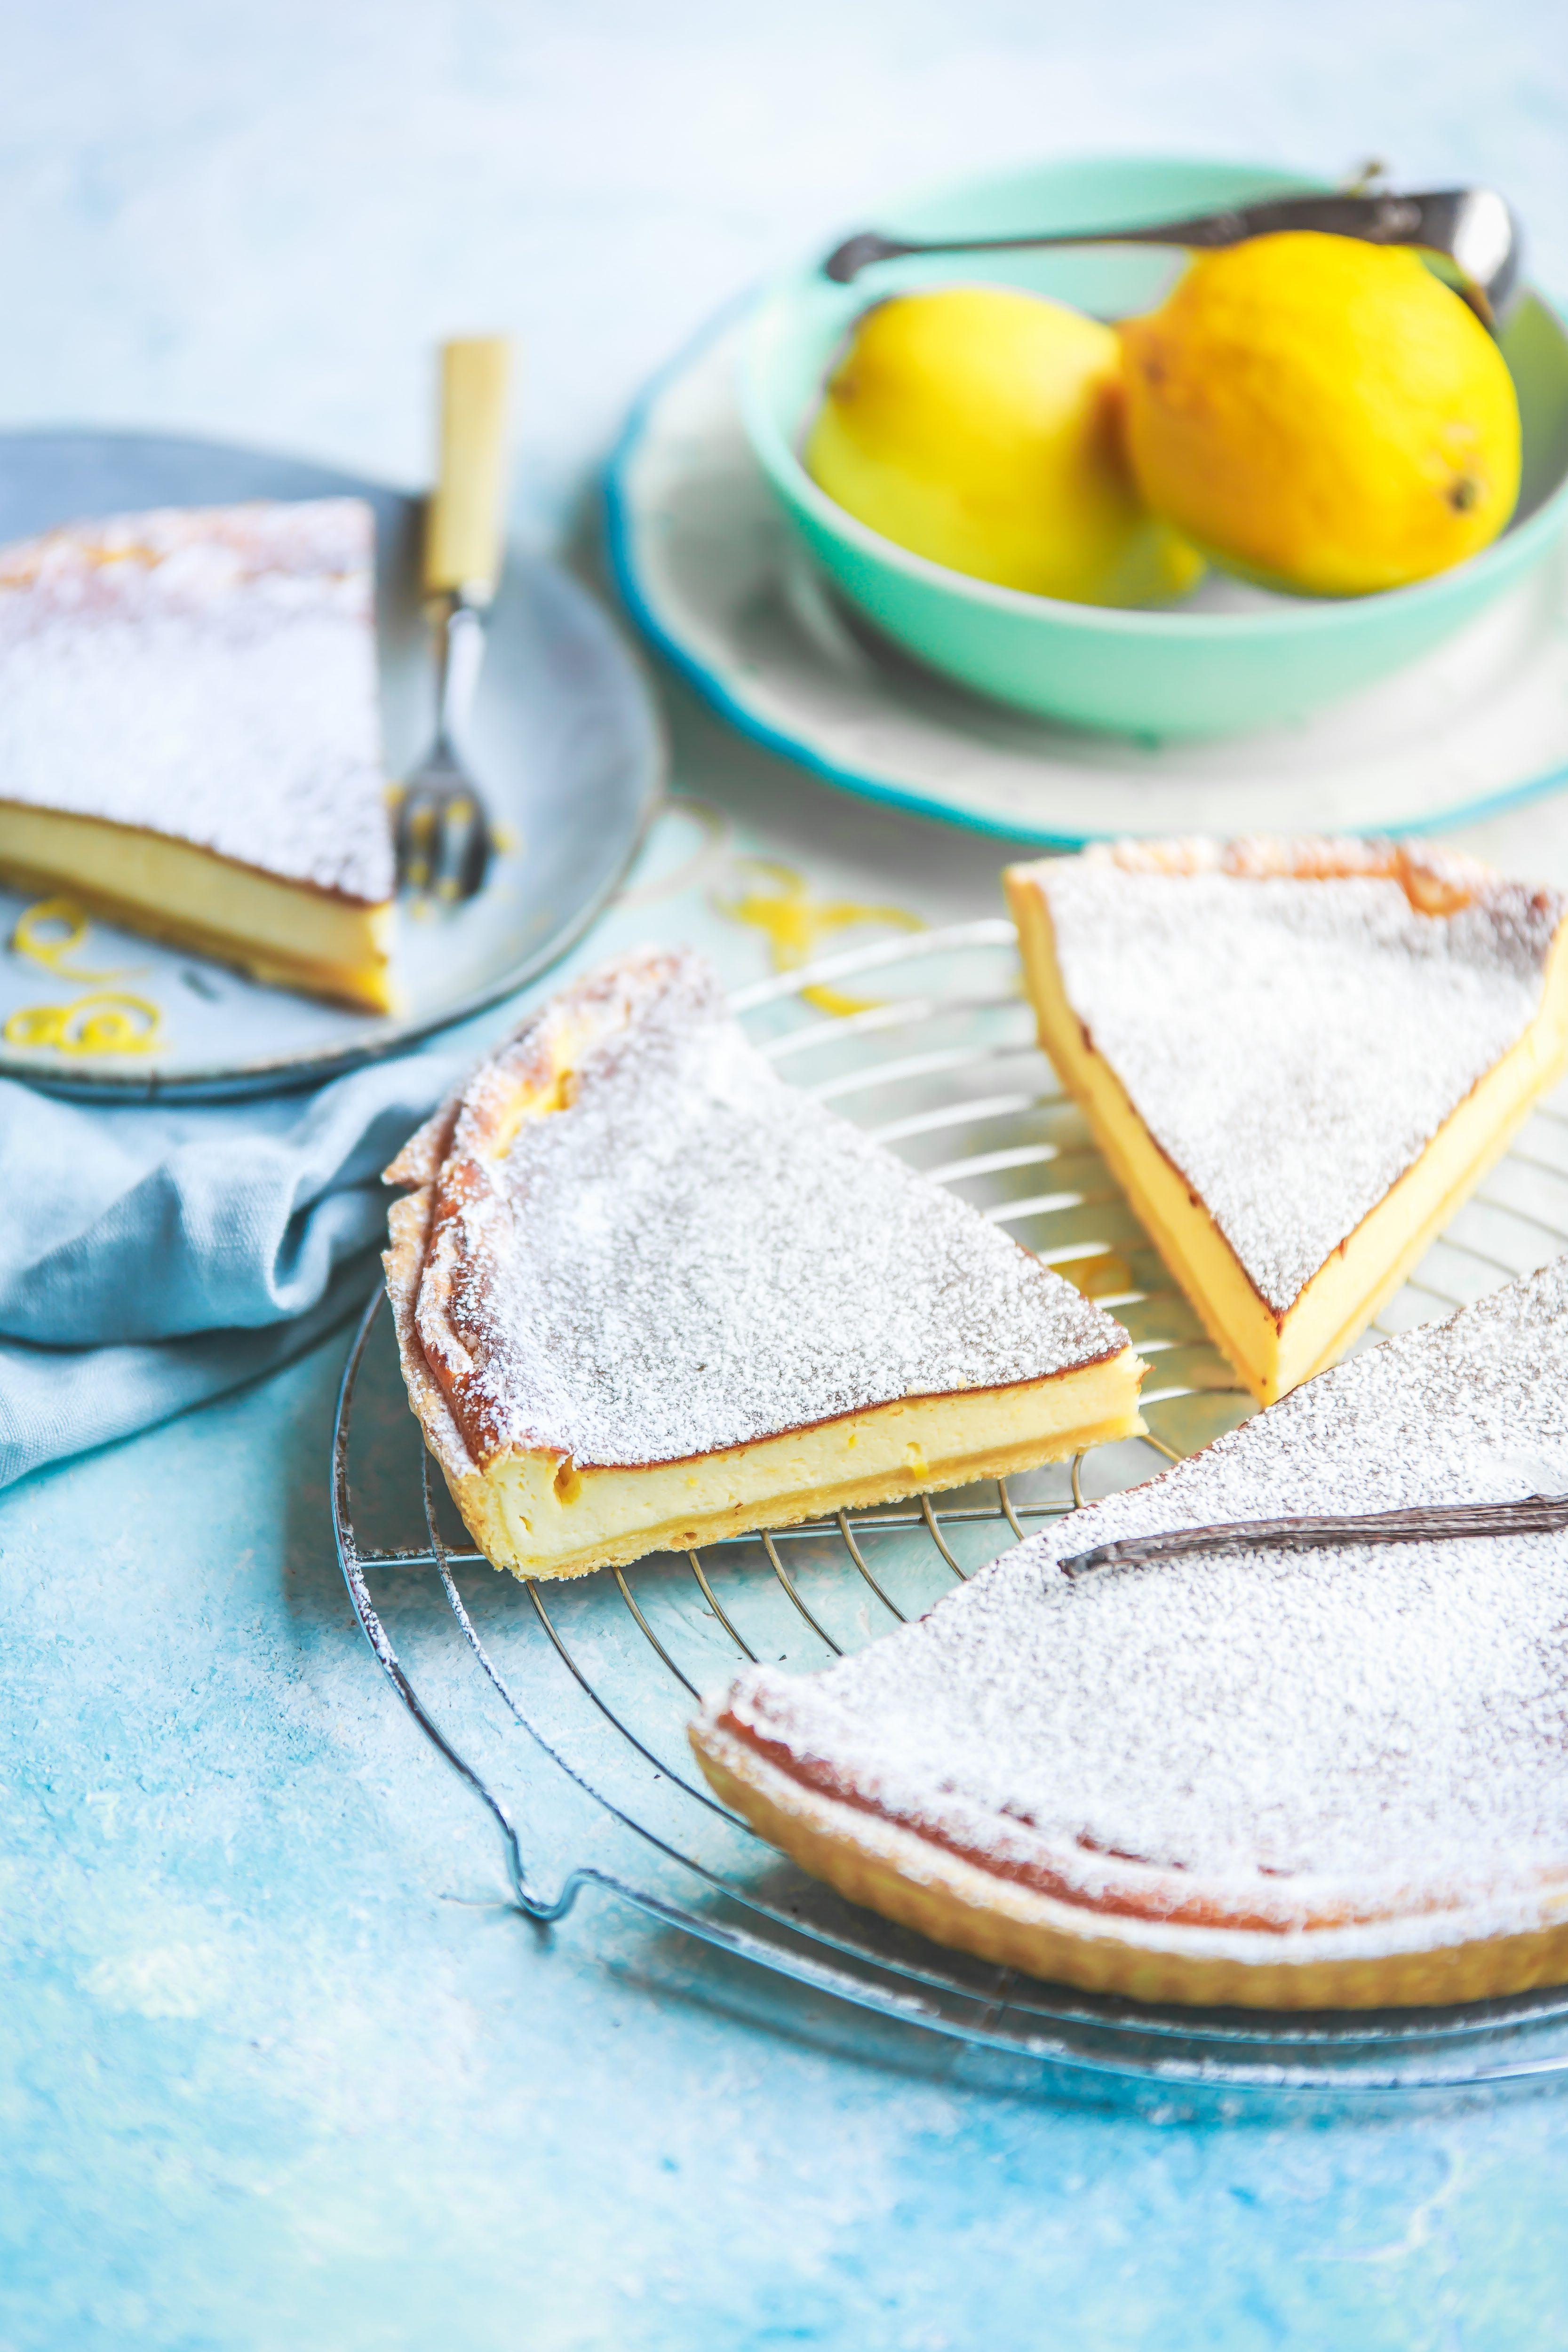 Recette de la tarte au fromage blanc. Photographe et styliste culinaire.